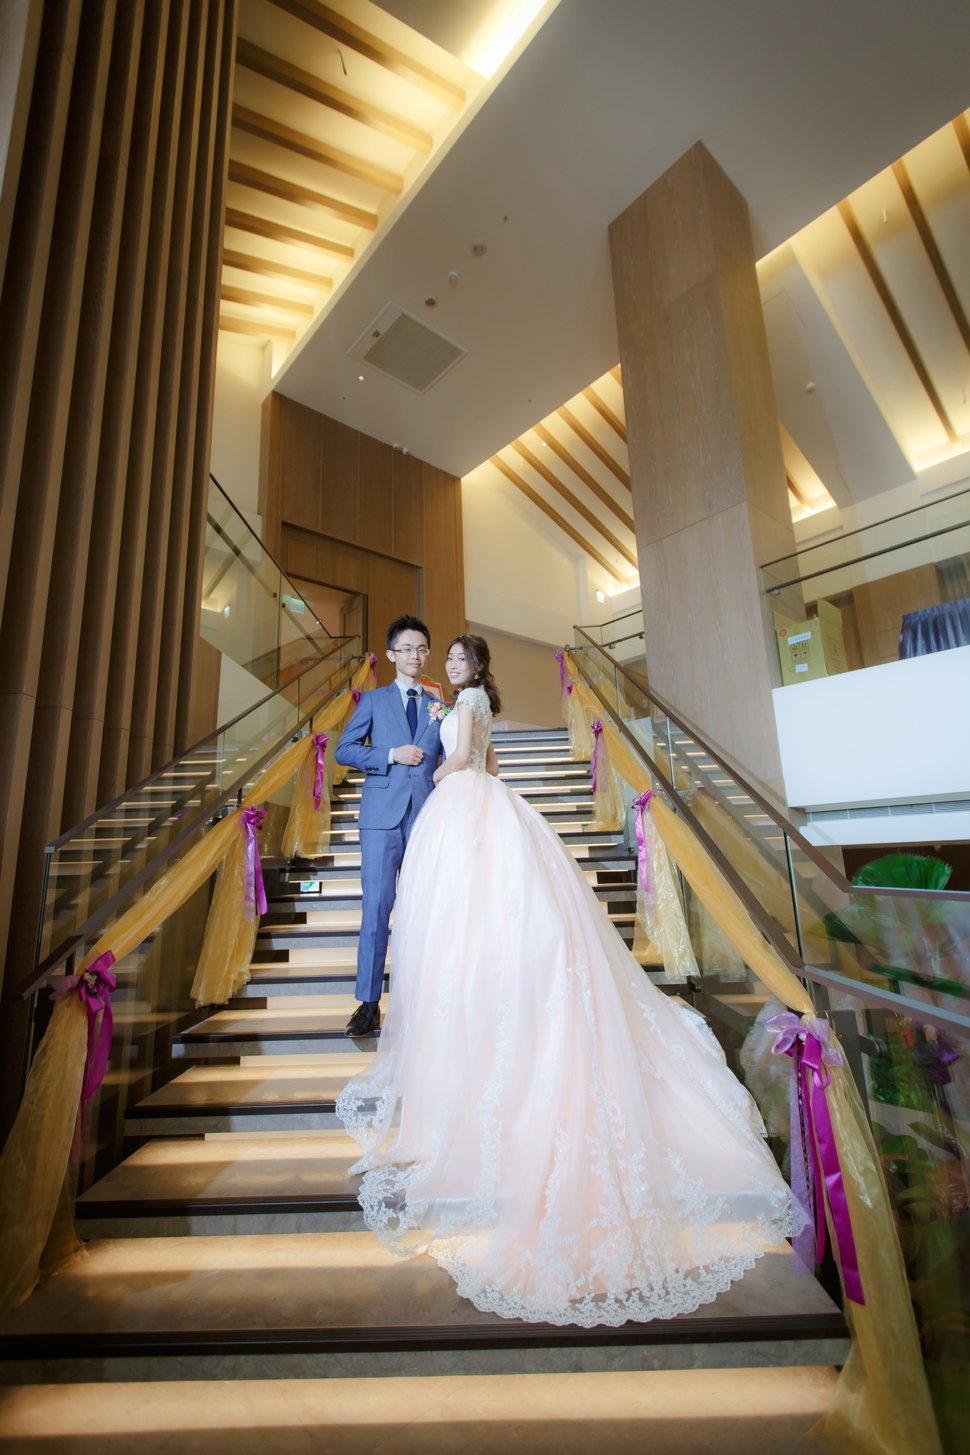 0745 - 小夫妻婚攝 - 結婚吧